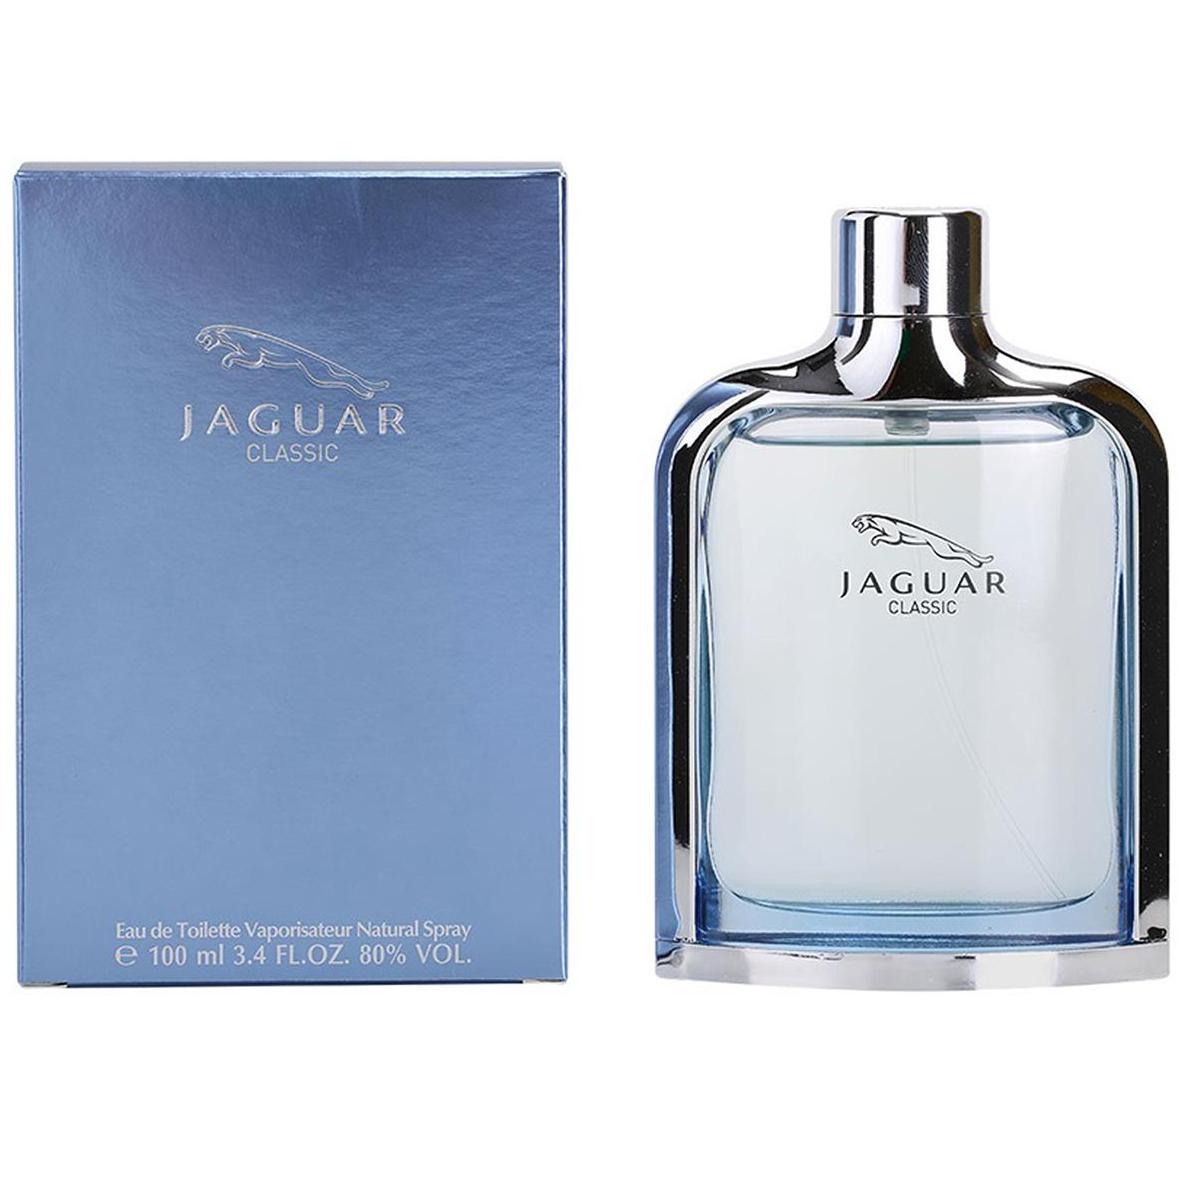 Jaguar classic perfume £10.50 + £1.99 P&P @ Groupon